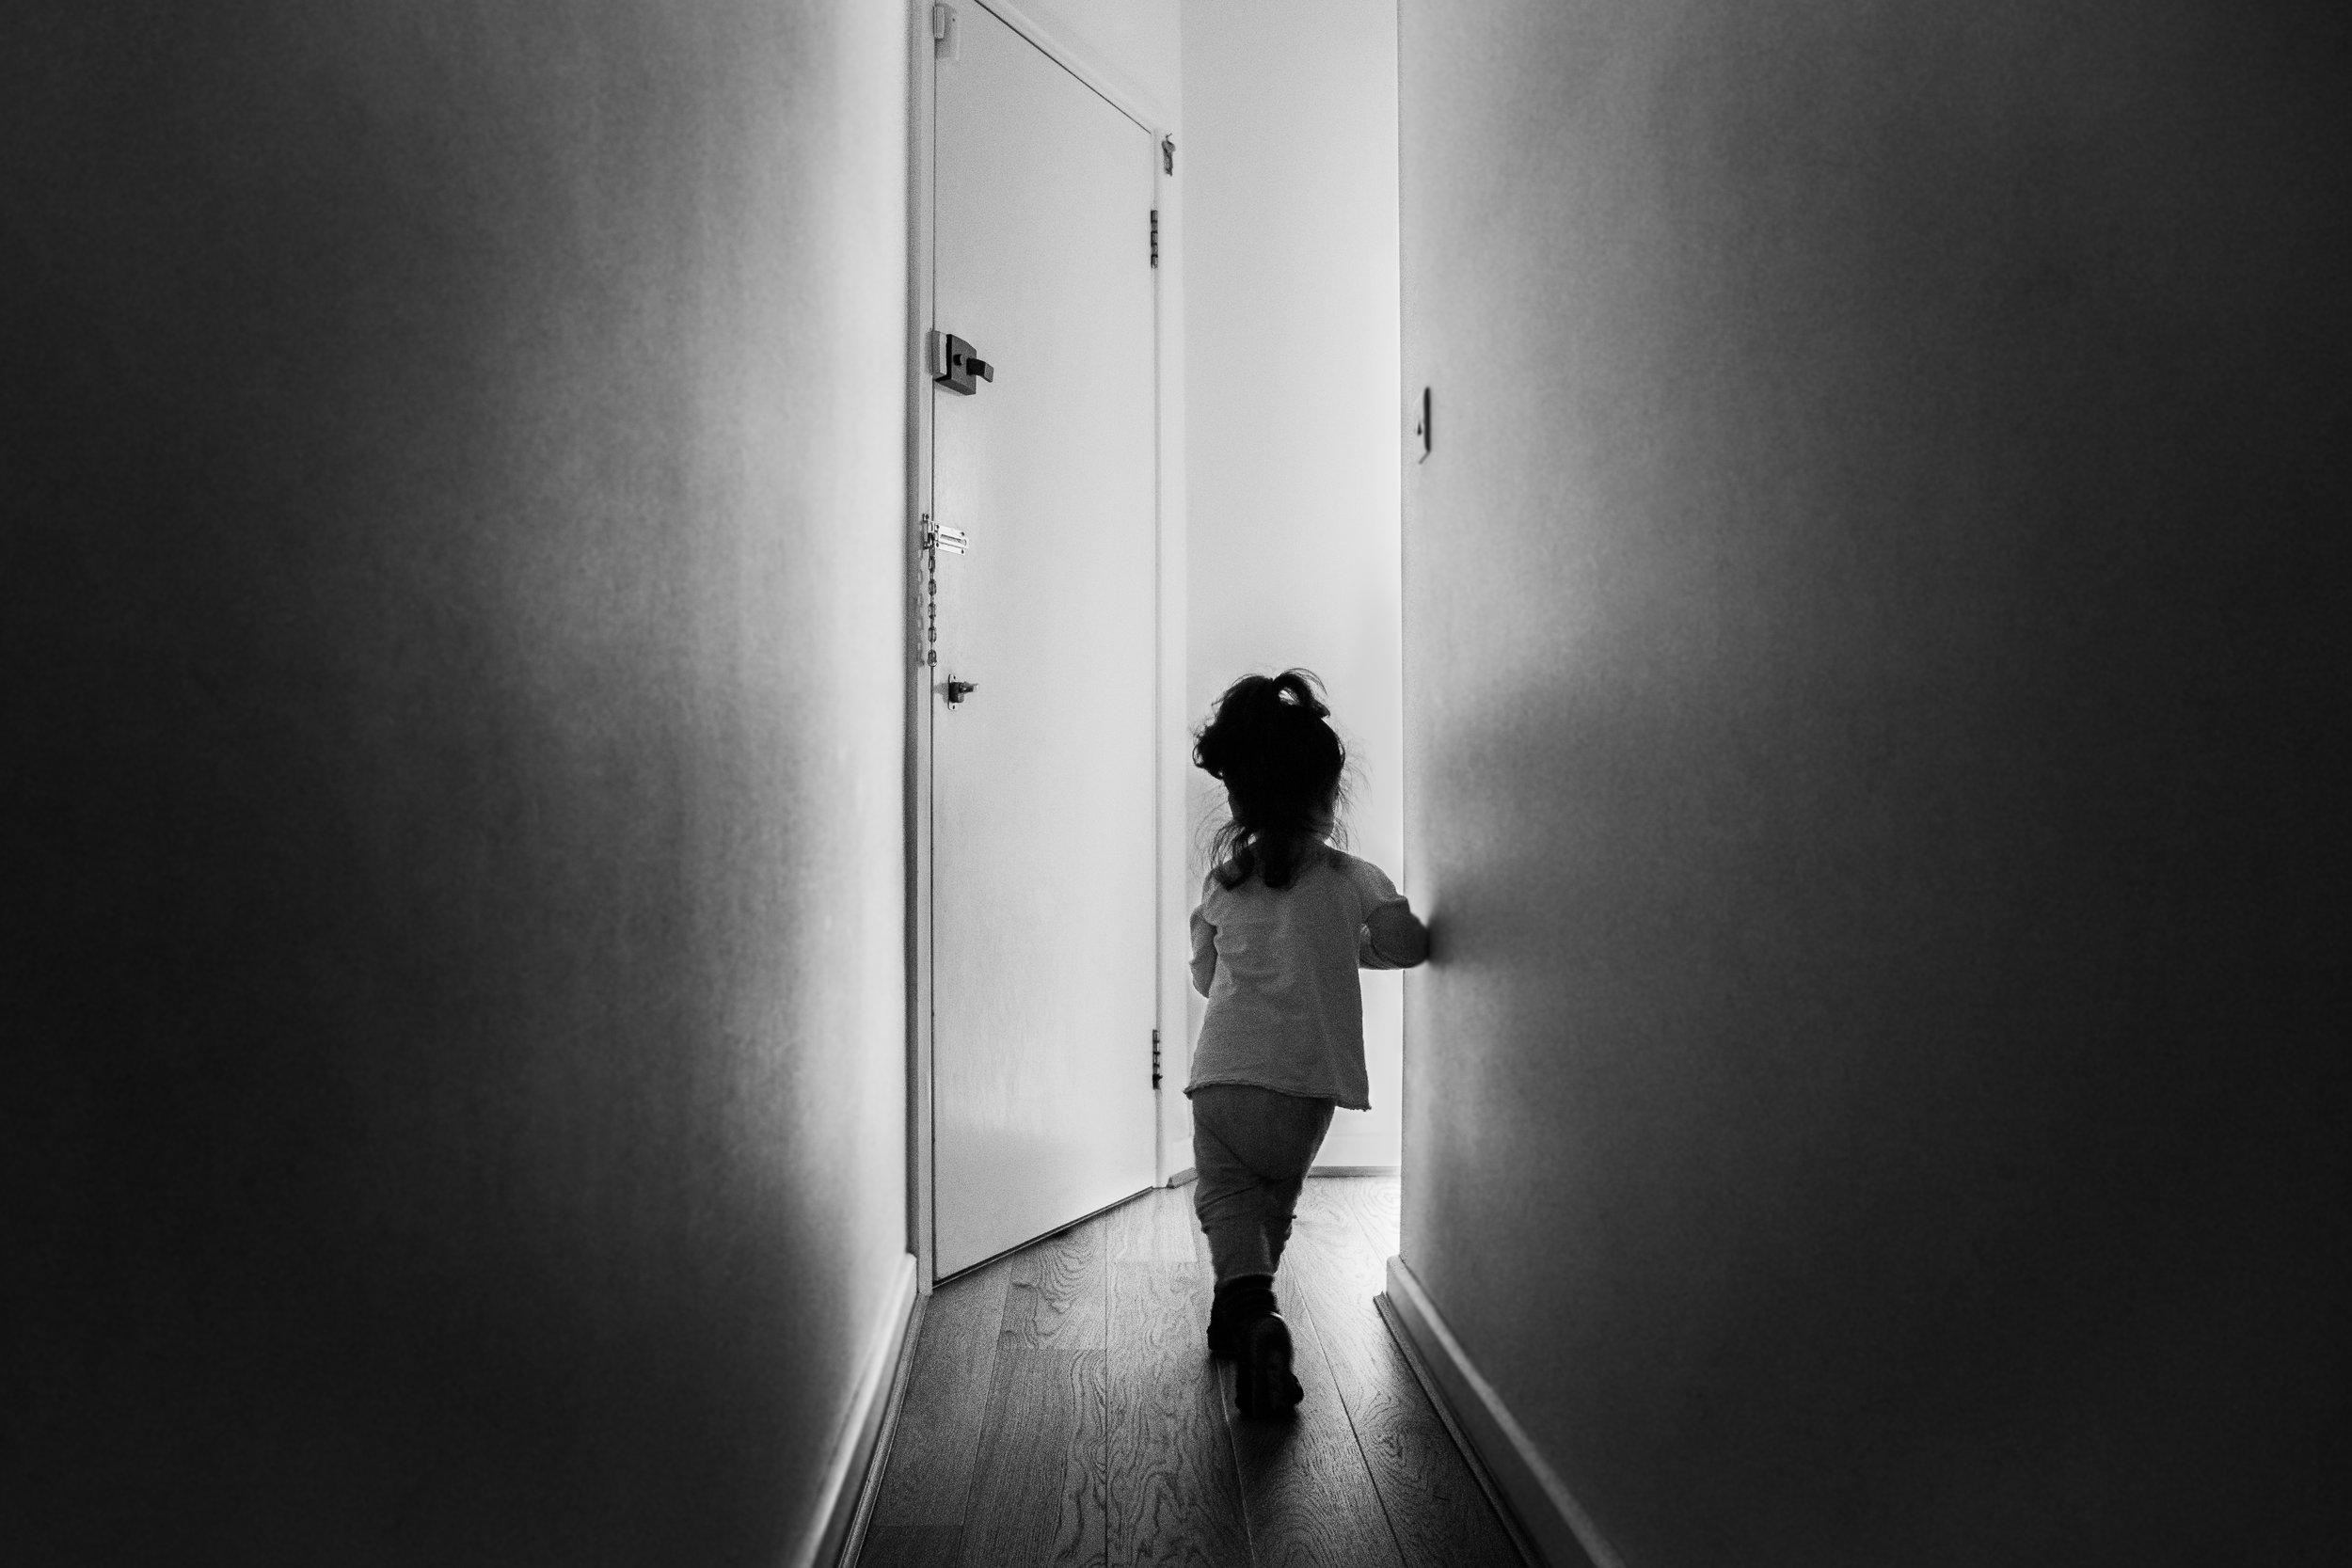 Autumn Home Corridor & Abuelo 01.jpg